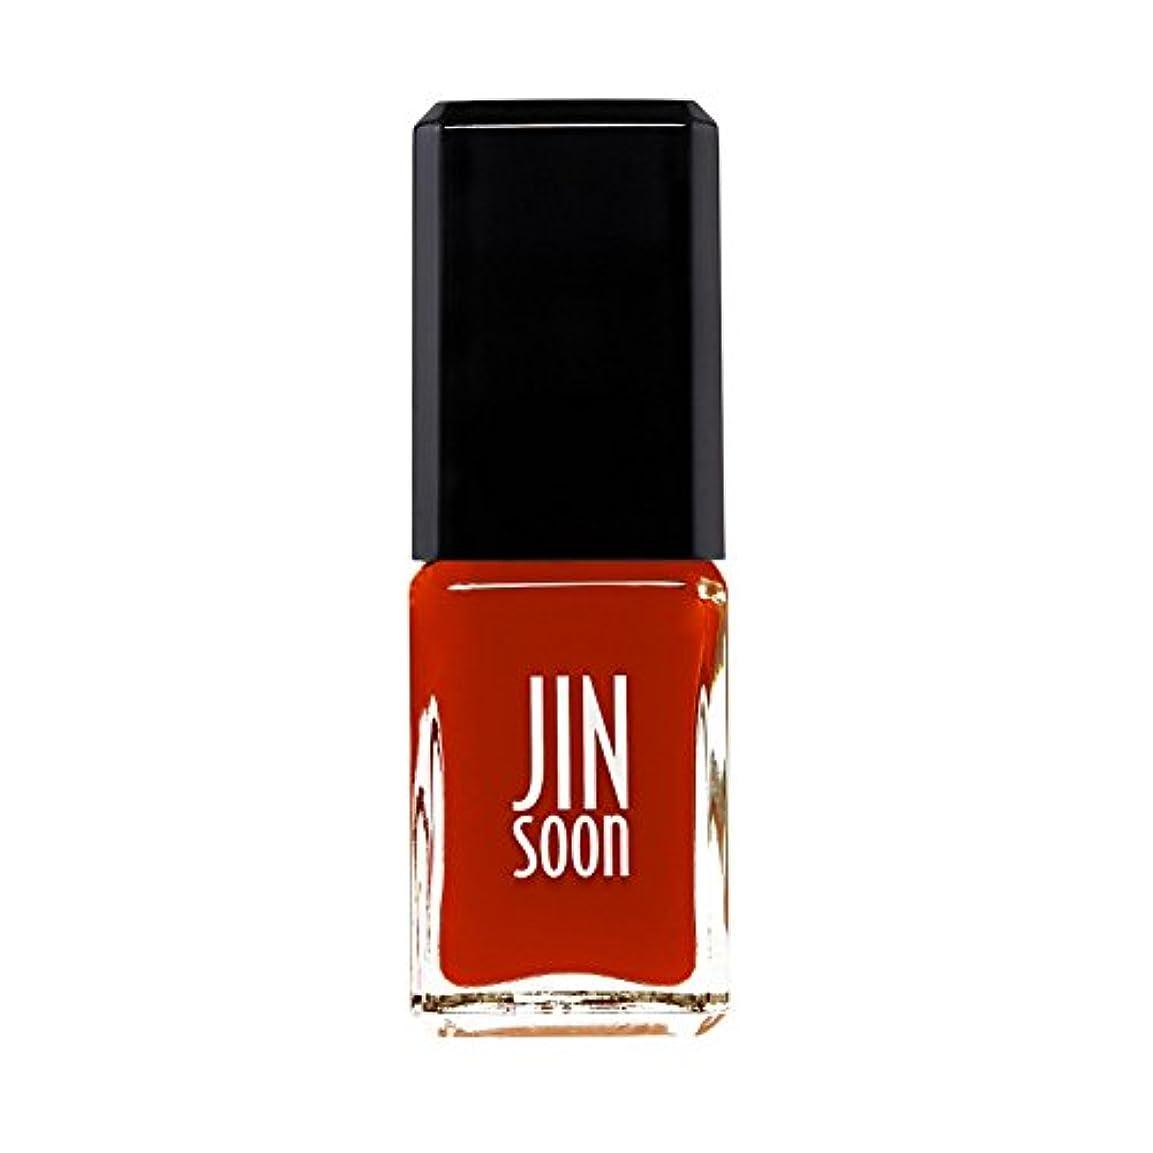 手足嘆くのスコア[ジンスーン] [ jinsoon] クラッシュ(シアーオレンジ) CRUSH ジンスーン 5フリー ネイル ポリッシュ ネイルカラー系統:オレンジ 11mL